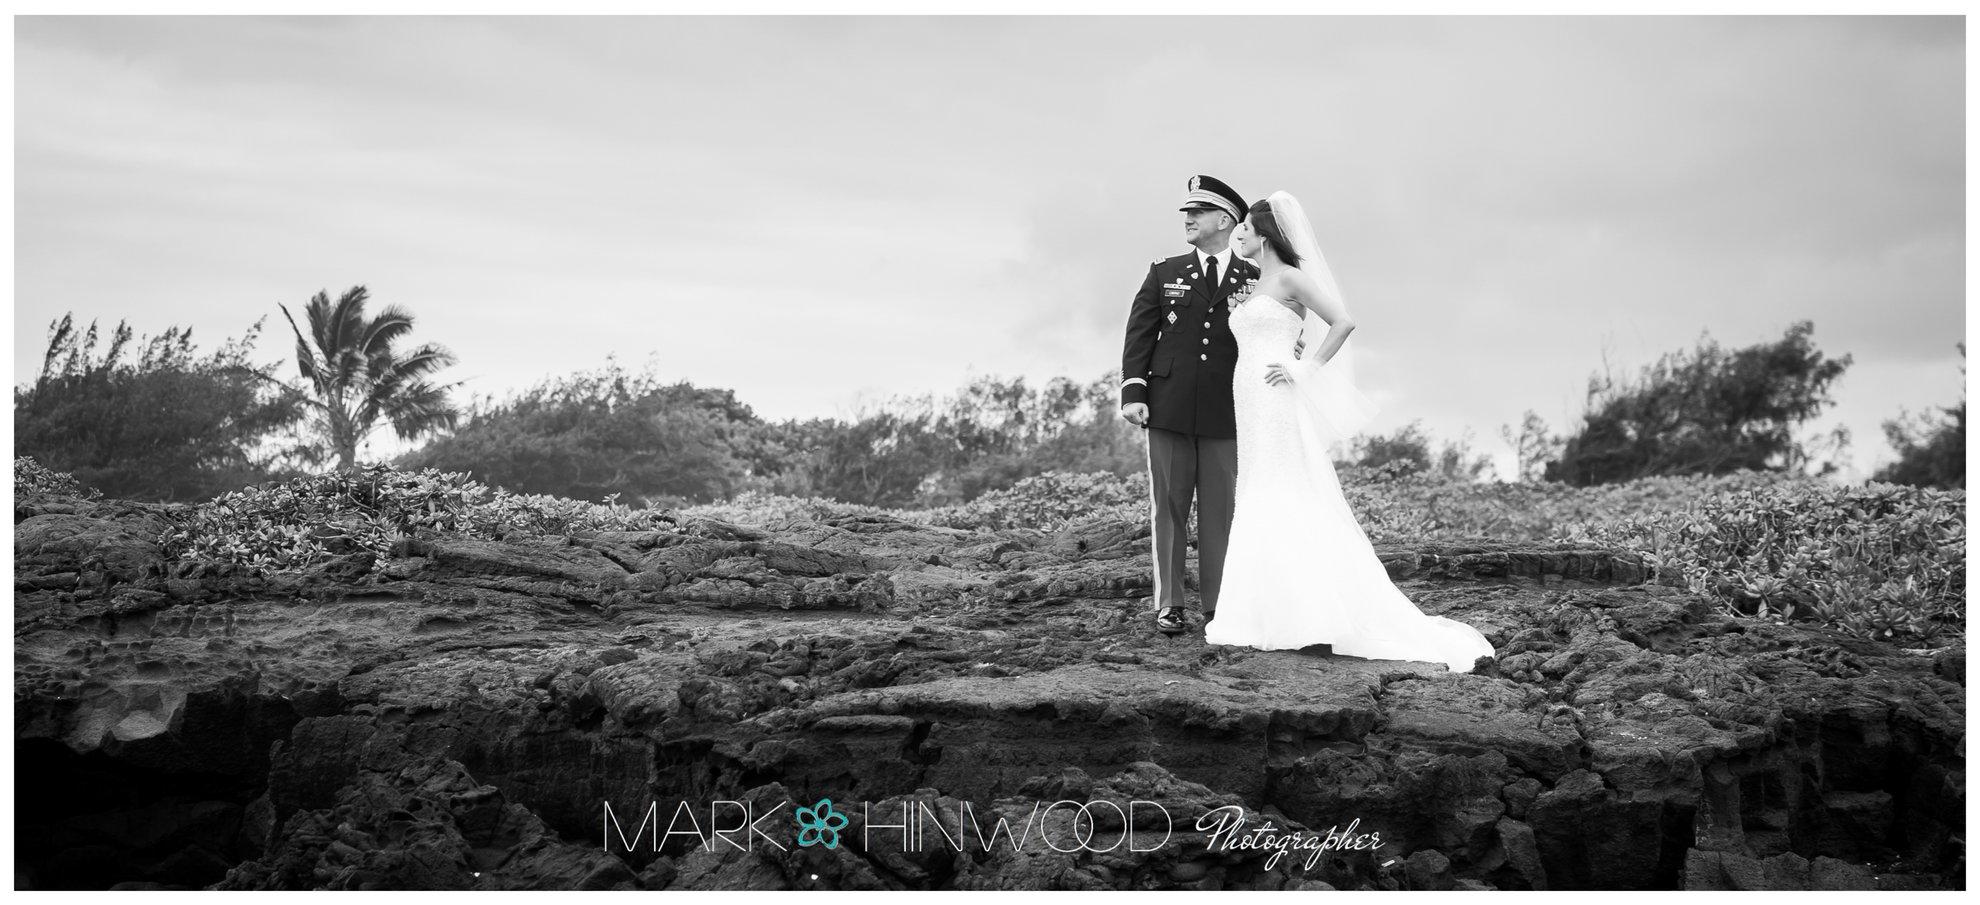 Kailua Kona Engagement photographers 11-2